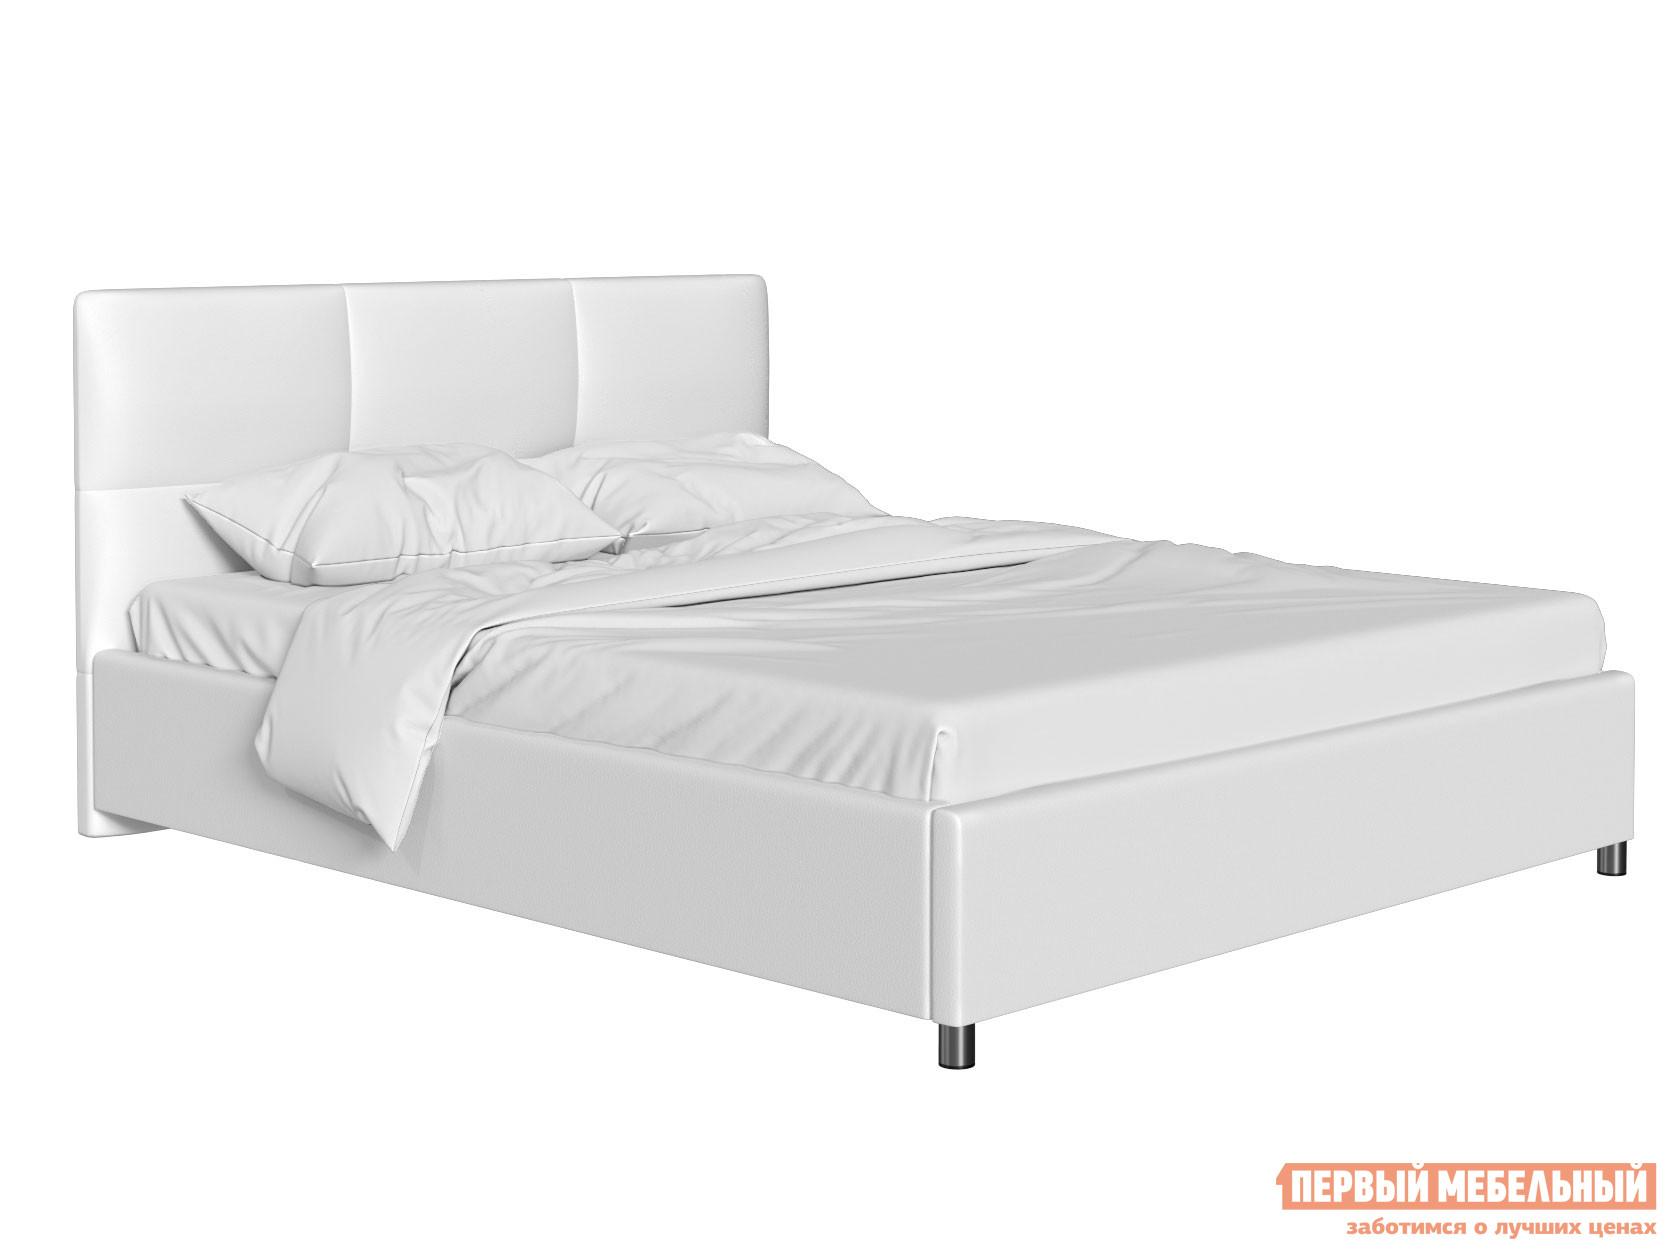 Двуспальная кровать Кровать с мягким изголовьем Агата Белый, экокожа , 180х200 см фото